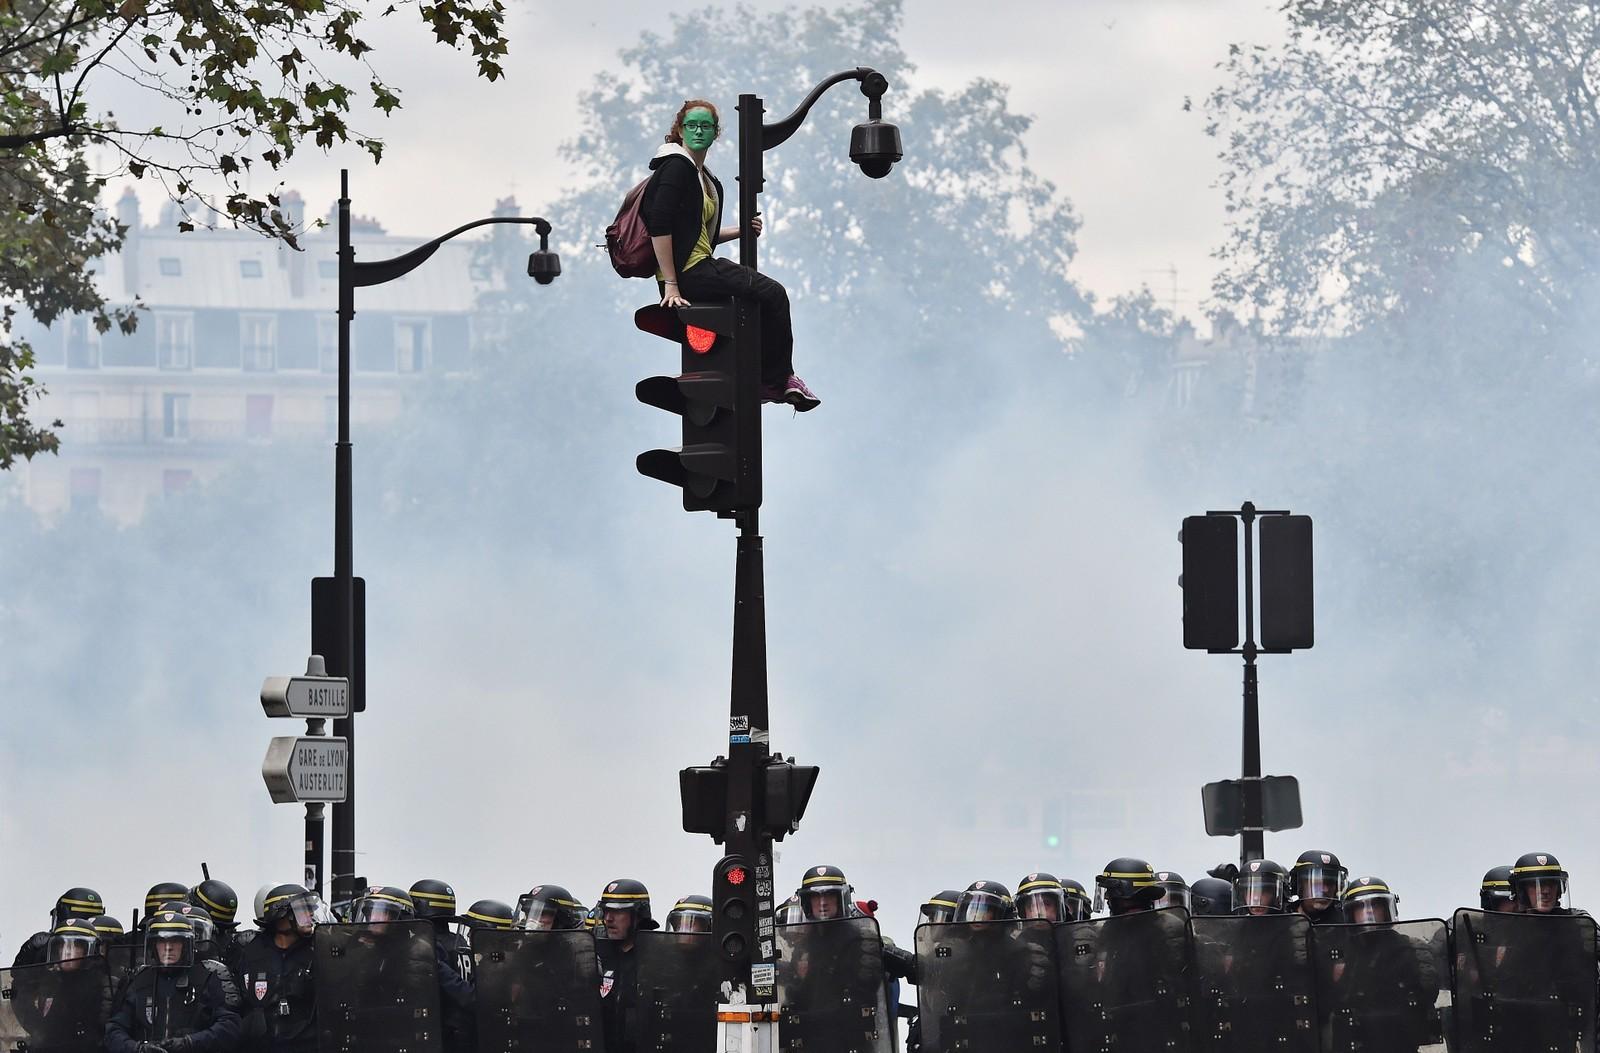 En demonstrant med grønnmalt ansikt har klatret opp i et trafikklys mens fransk opprørspoliti står på bakken under i forbindelse med en demonstrasjon mot myndighetenes svært omstridte arbeidsreform i Paris 15. september. Politiet brukte tåregass og sjokkgranater mot de rundt 13.000 demonstrantene, som på sin side kastet brannbomber mot politiet.